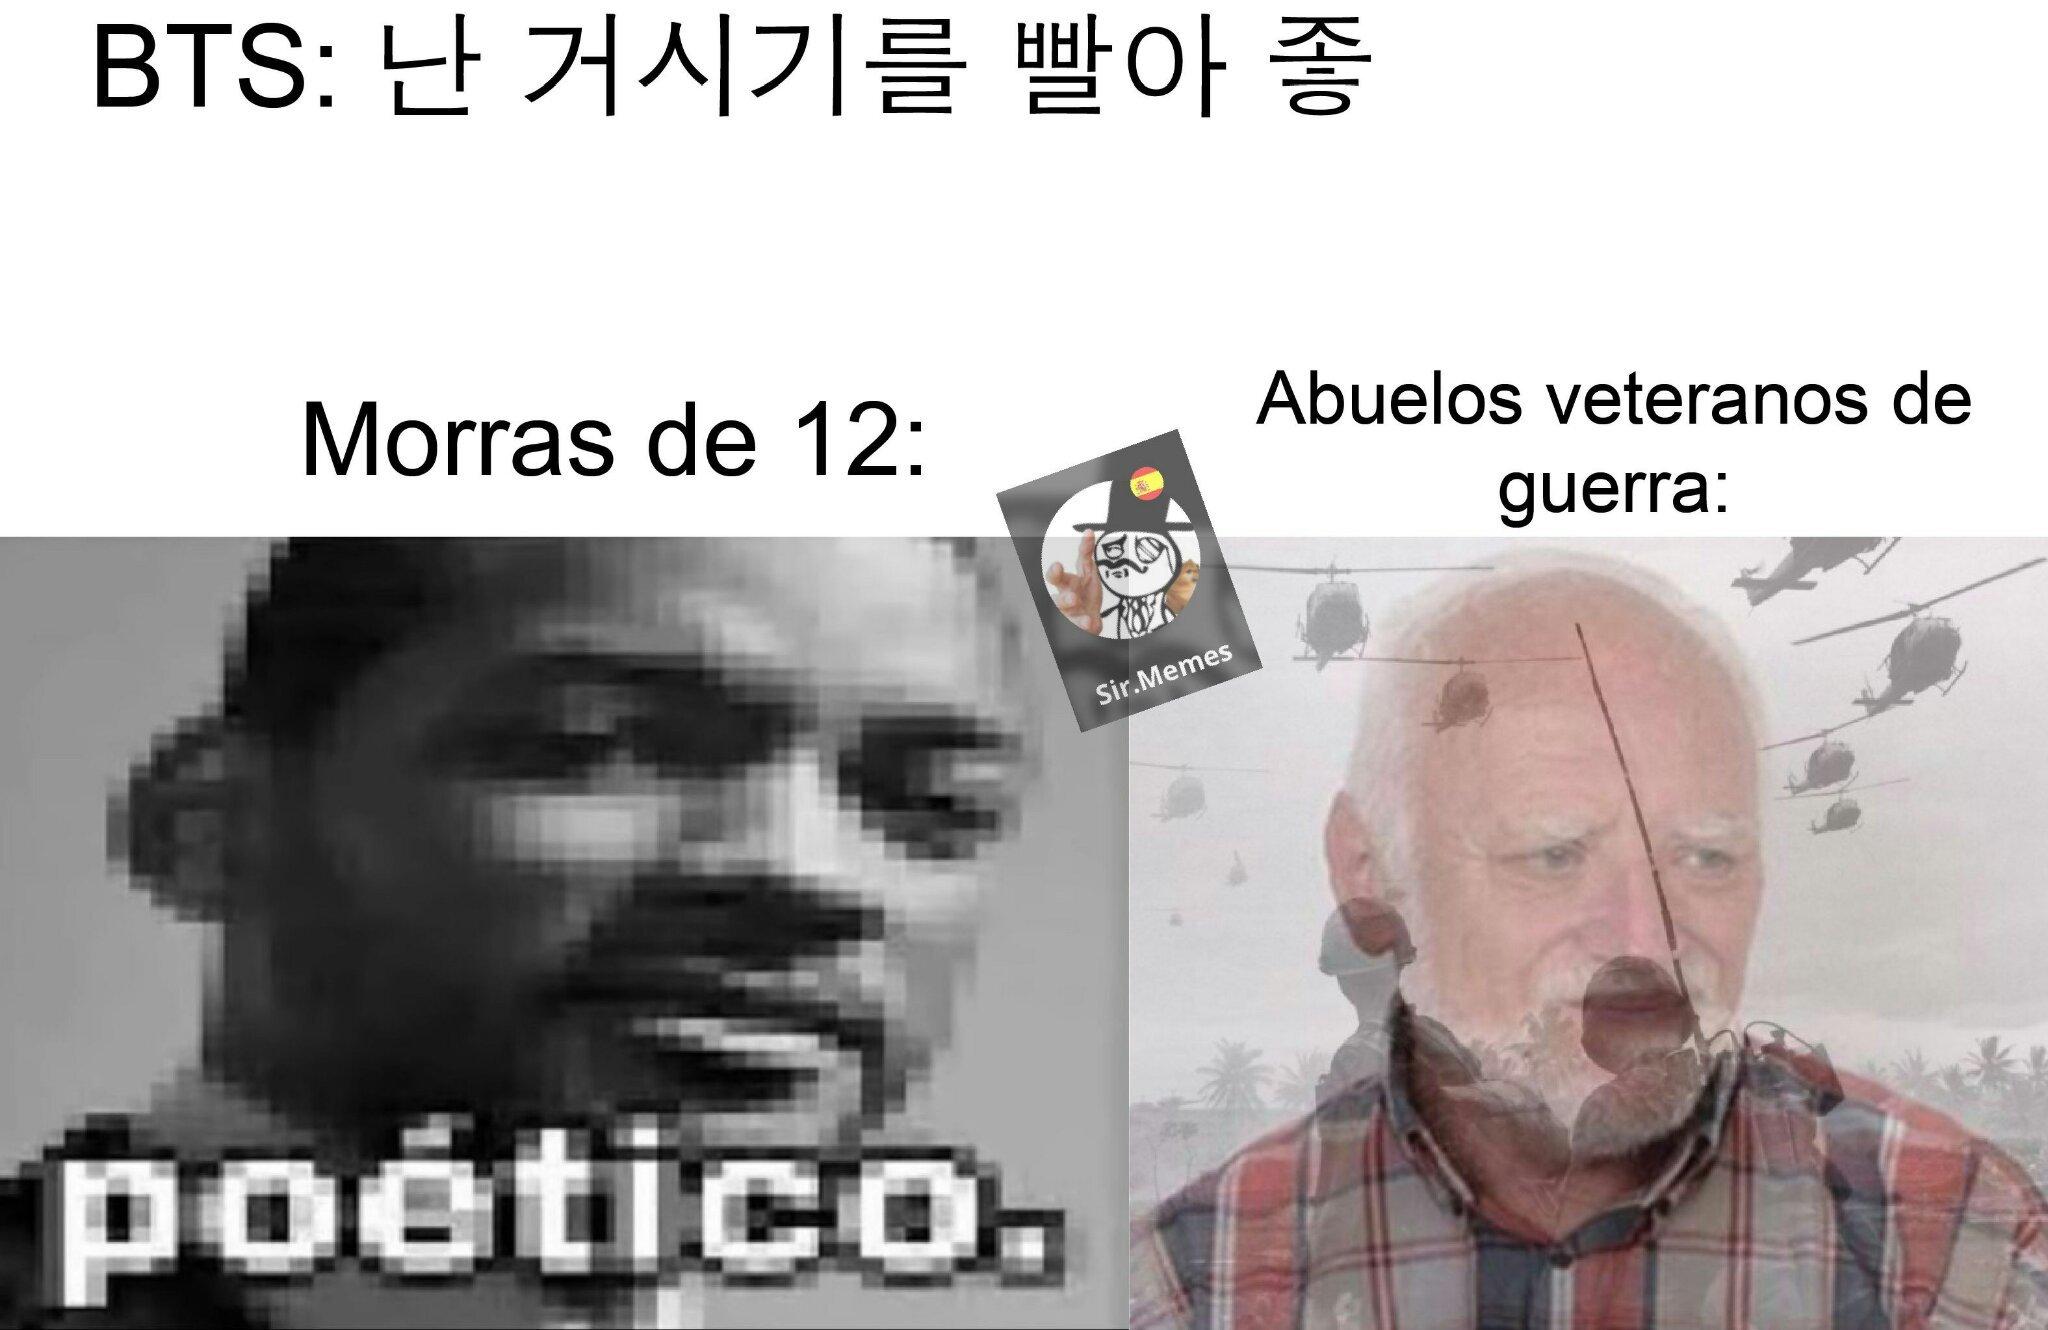 Djxhbczj - meme